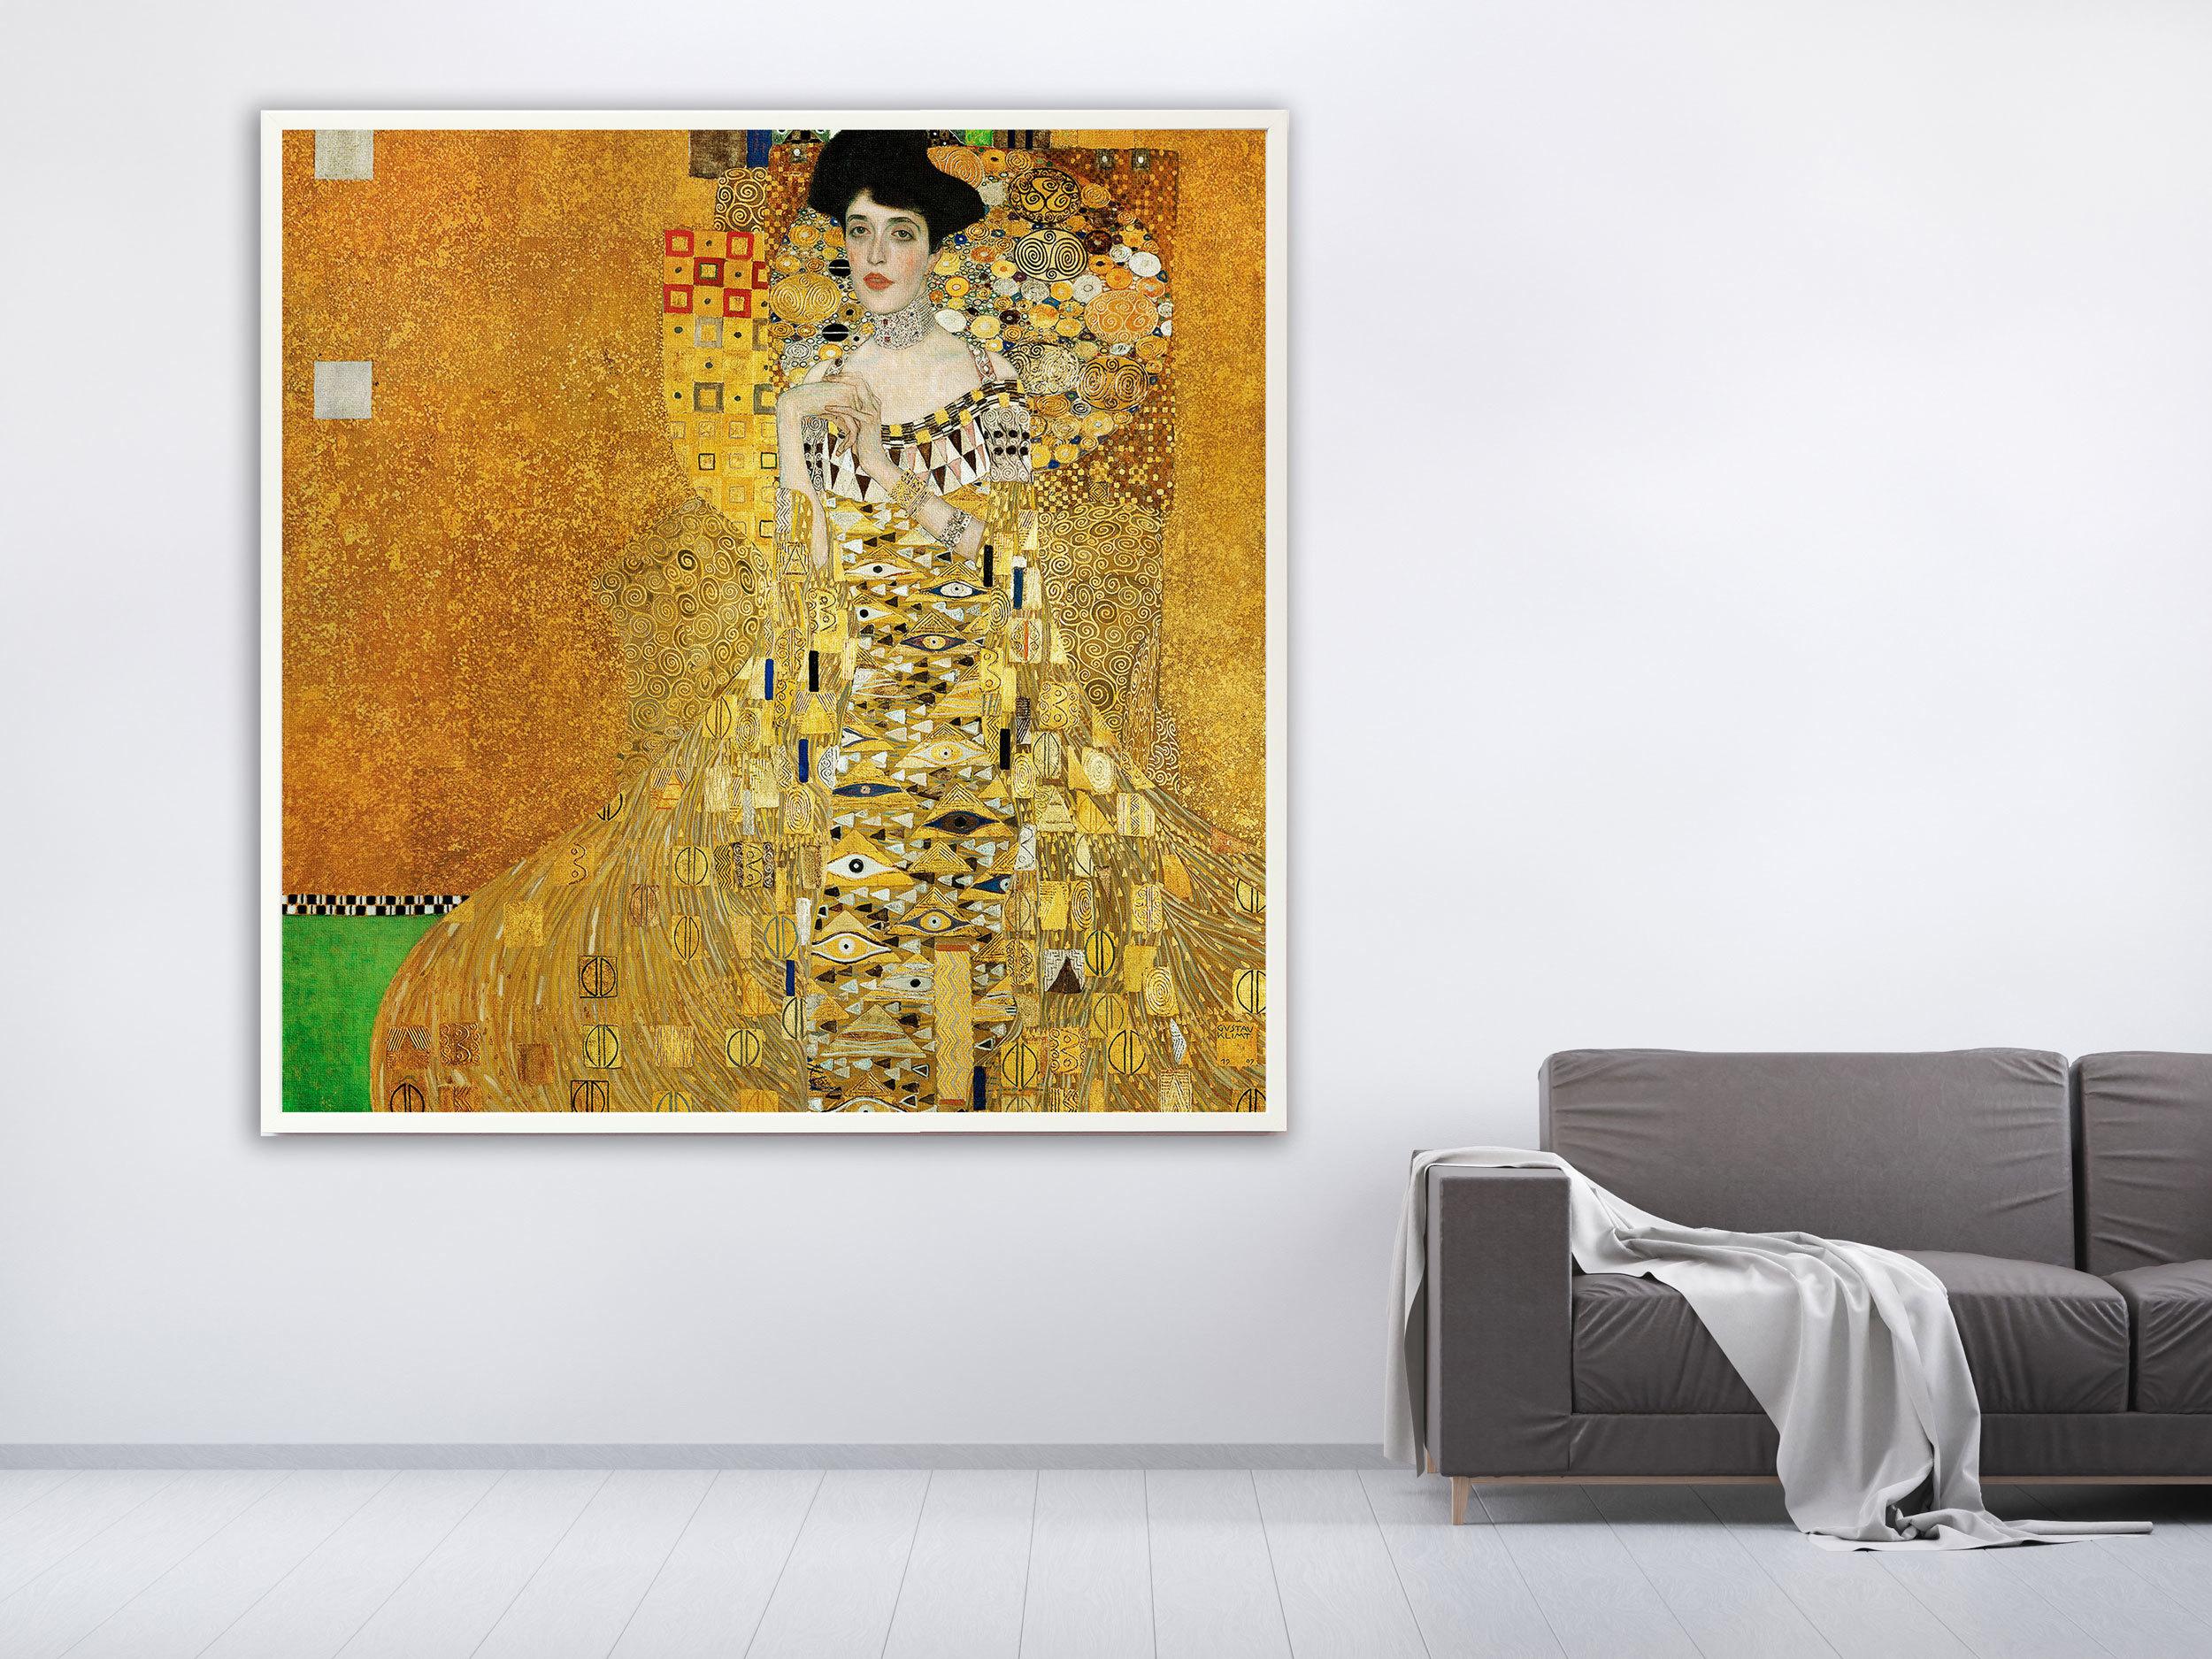 Gustav Klimt - Adele Bloch-Bauer's Portrait, 1907, Bilderrahmen weiß